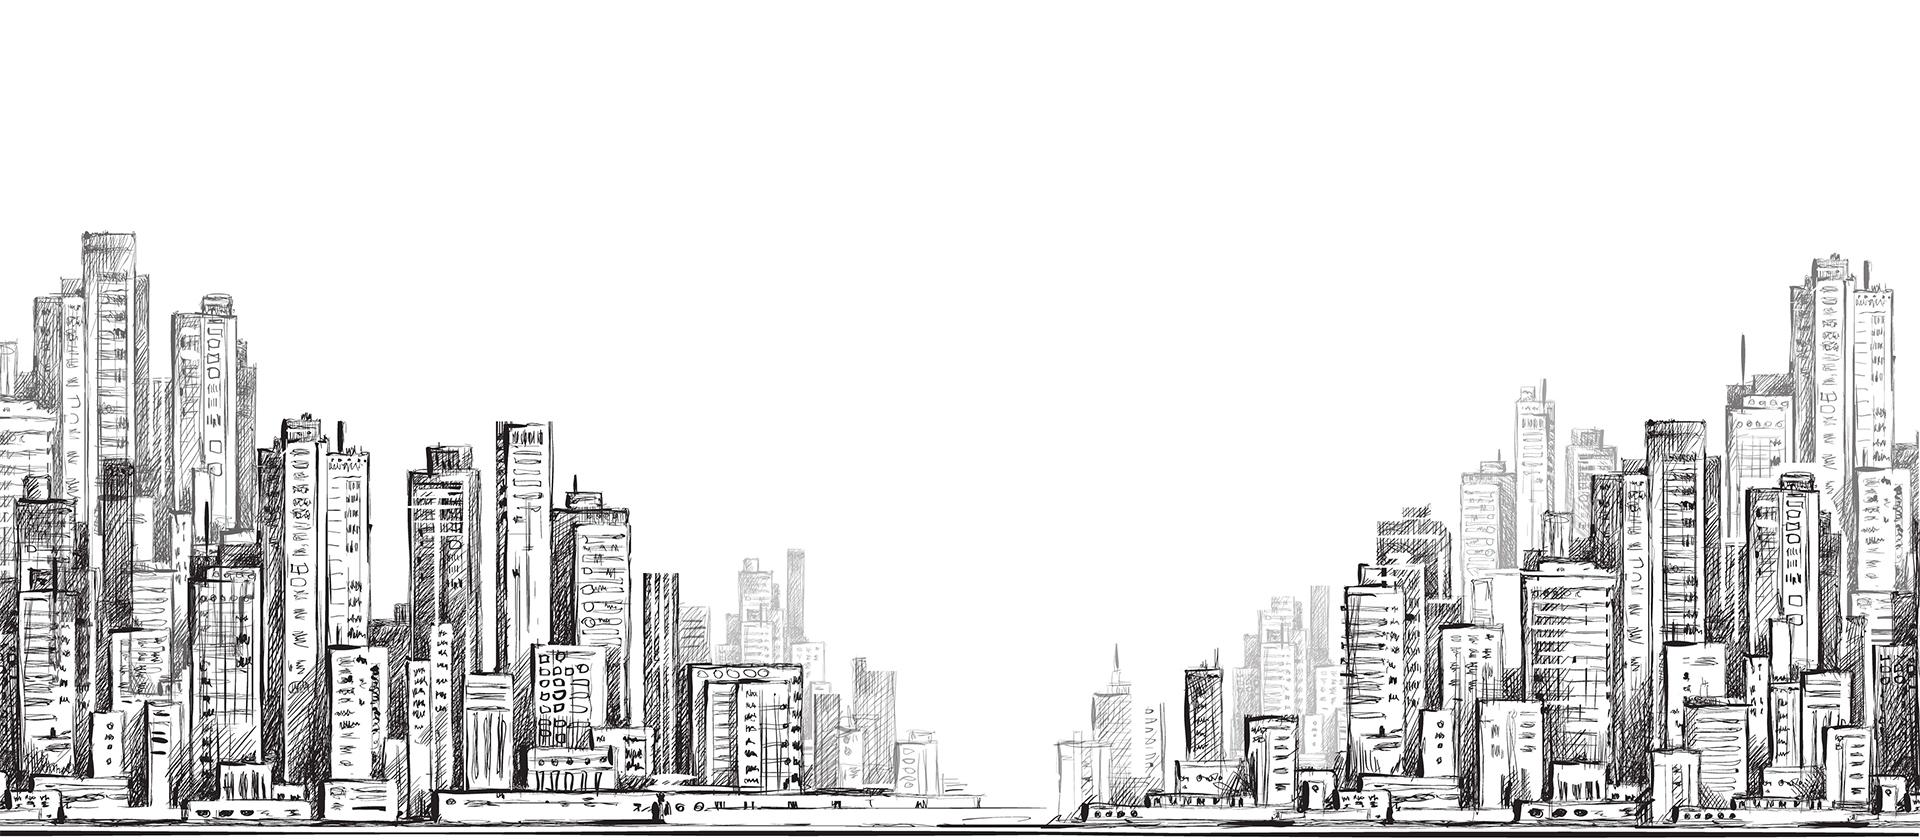 ビル群のイラスト